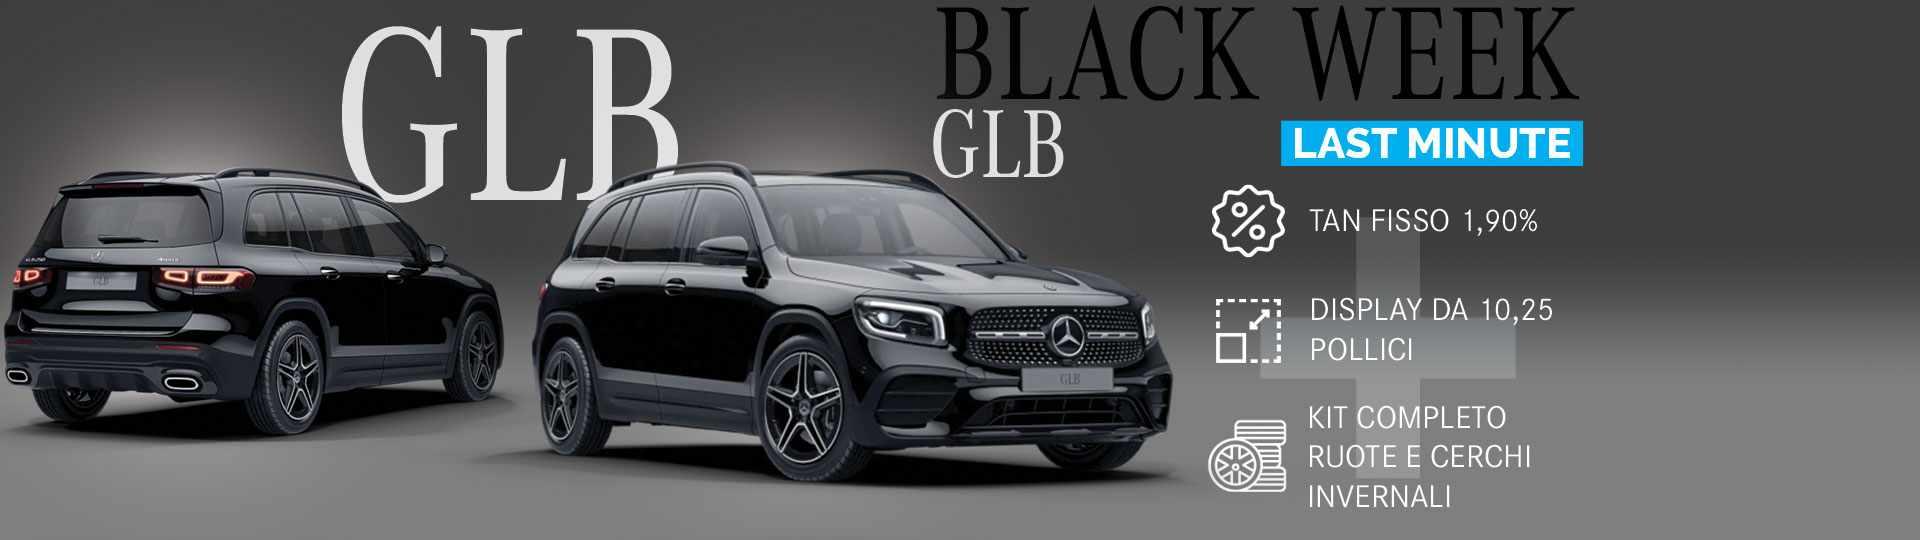 header_desktop_black_week_glb_mb_nov_2020.jpg